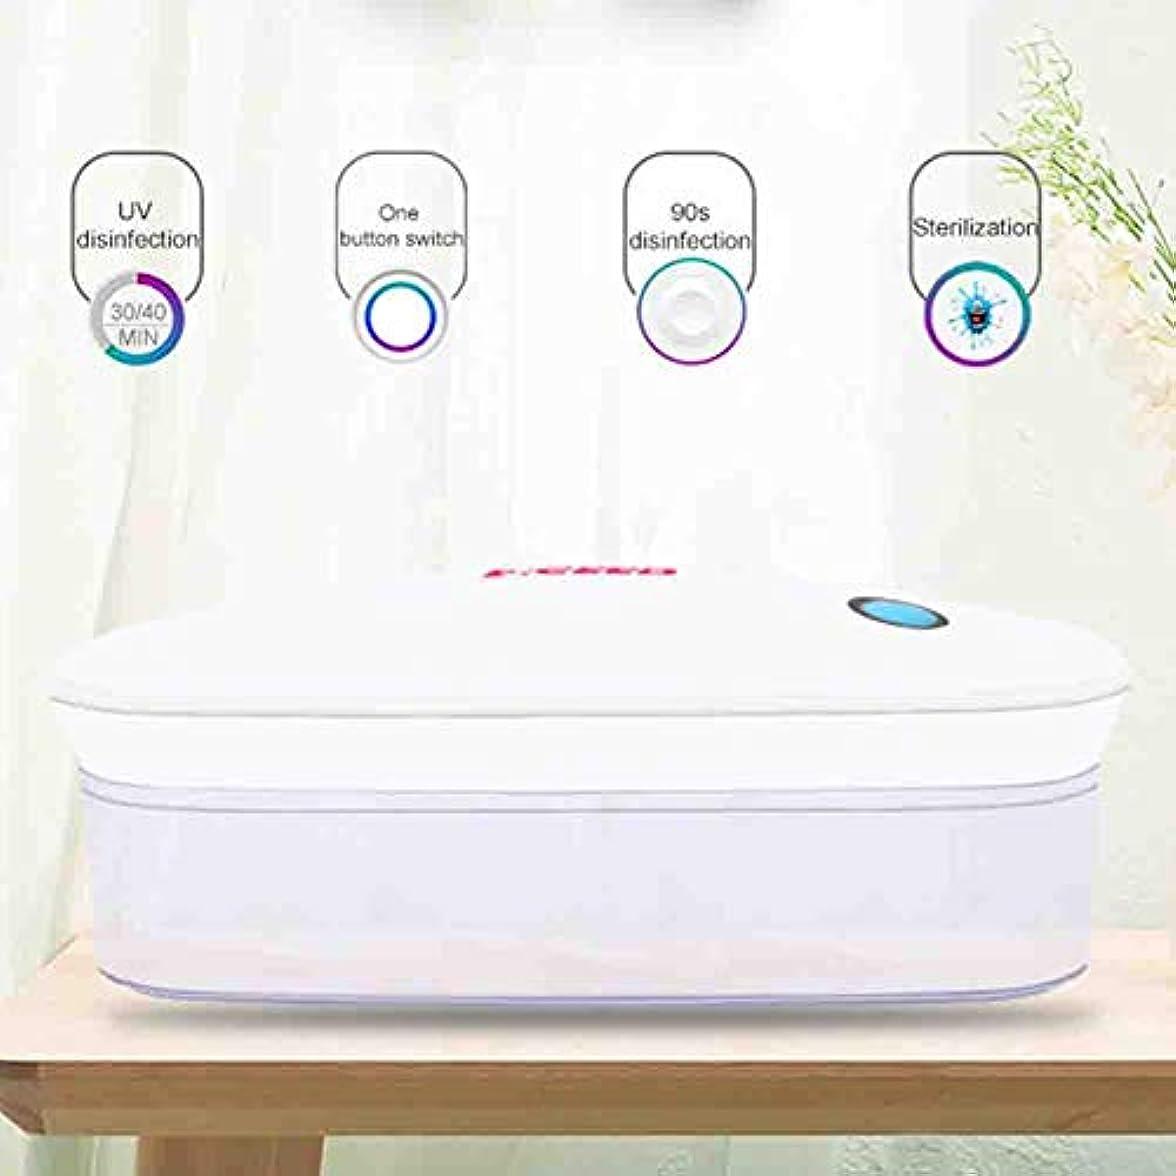 光波オゾン滅菌器ポータブル多機能タトゥーツール消毒ボックスUSB充電